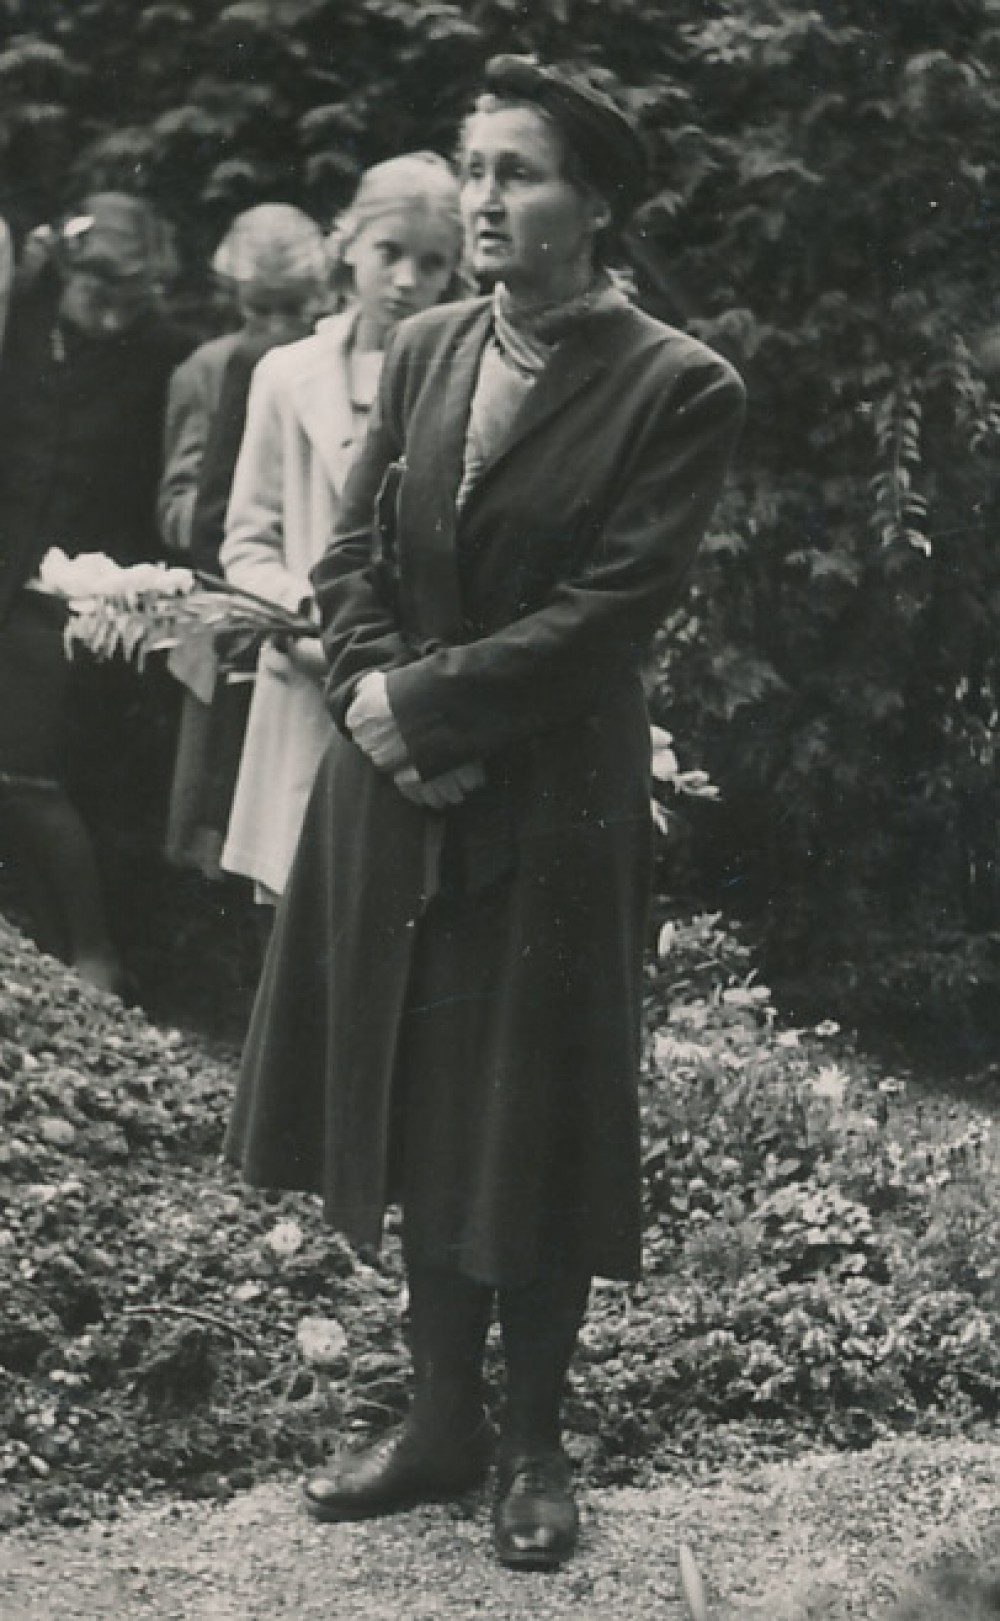 Petronėlė Orintaitė Augsburgo kapinėse sako kalbą. Apie 1948 m.